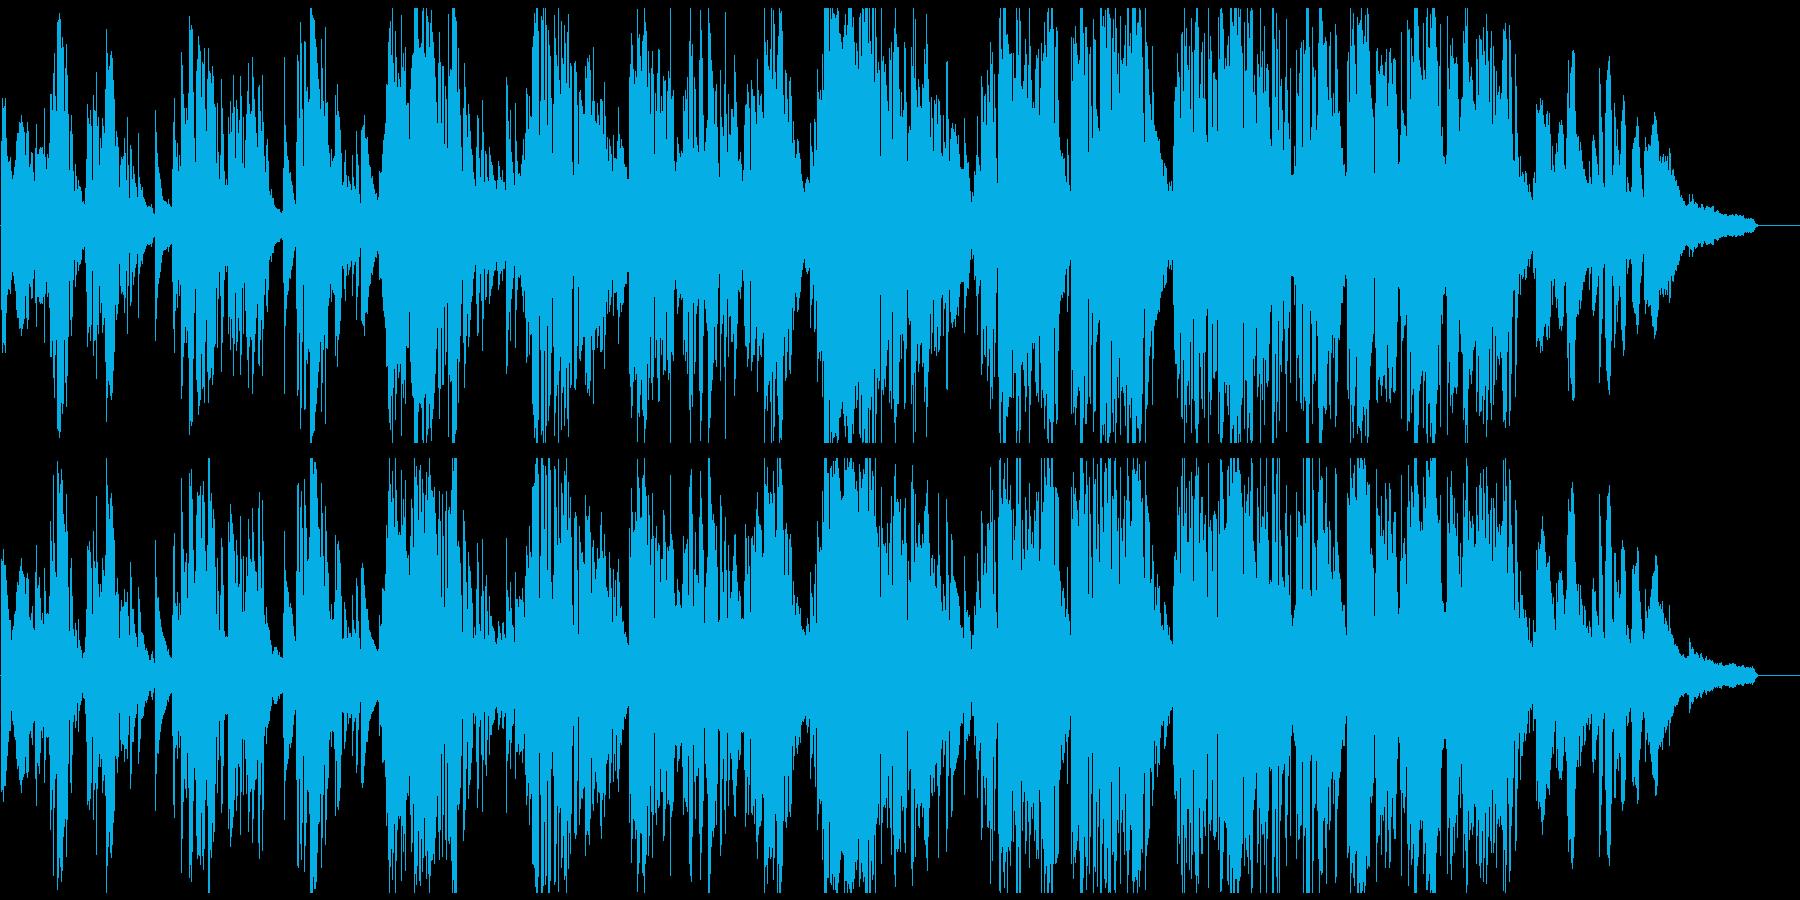 紳士的でダンディな低音サックスのバラードの再生済みの波形